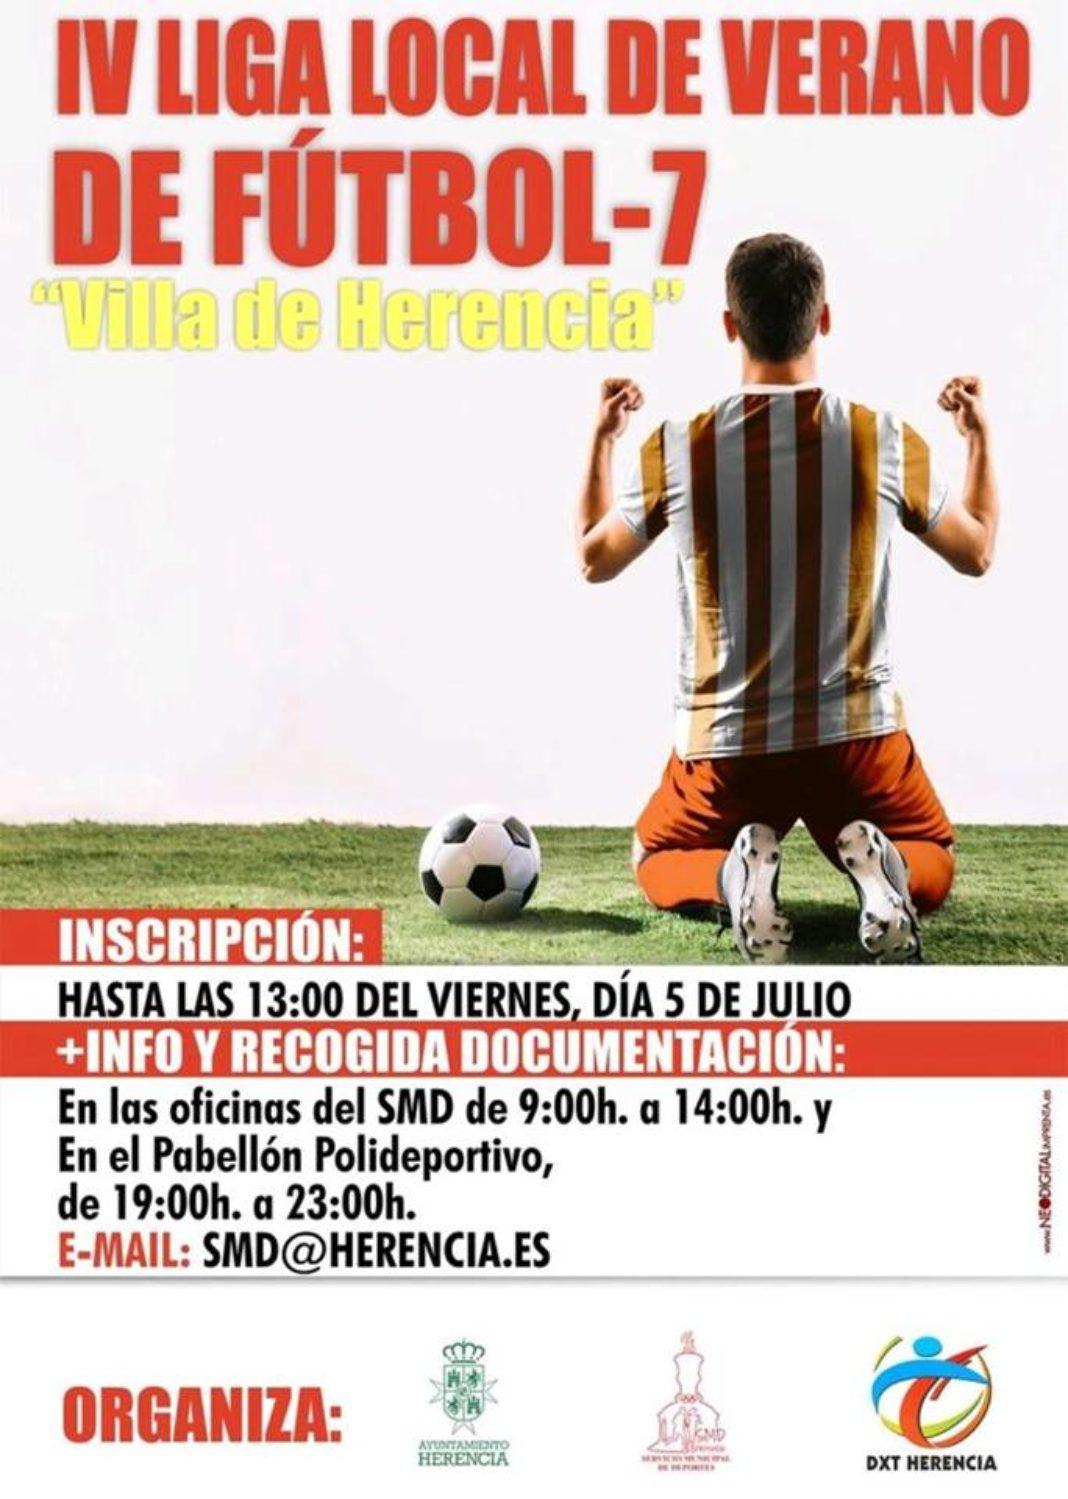 Cuarta liga local de verano de fútbol 7 Villa de Herencia 4